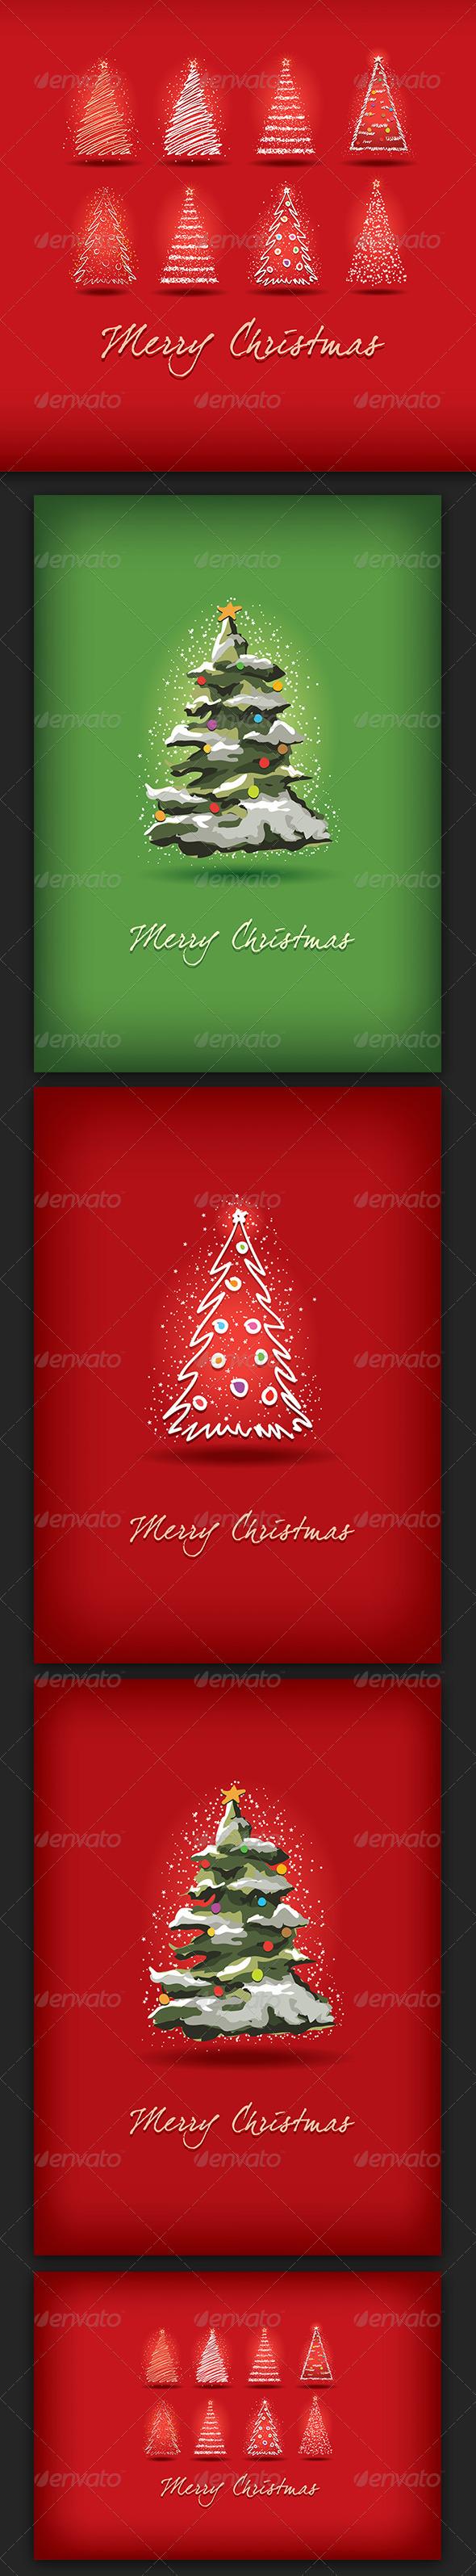 Merry Christmas Greeting Card Collection - Christmas Seasons/Holidays